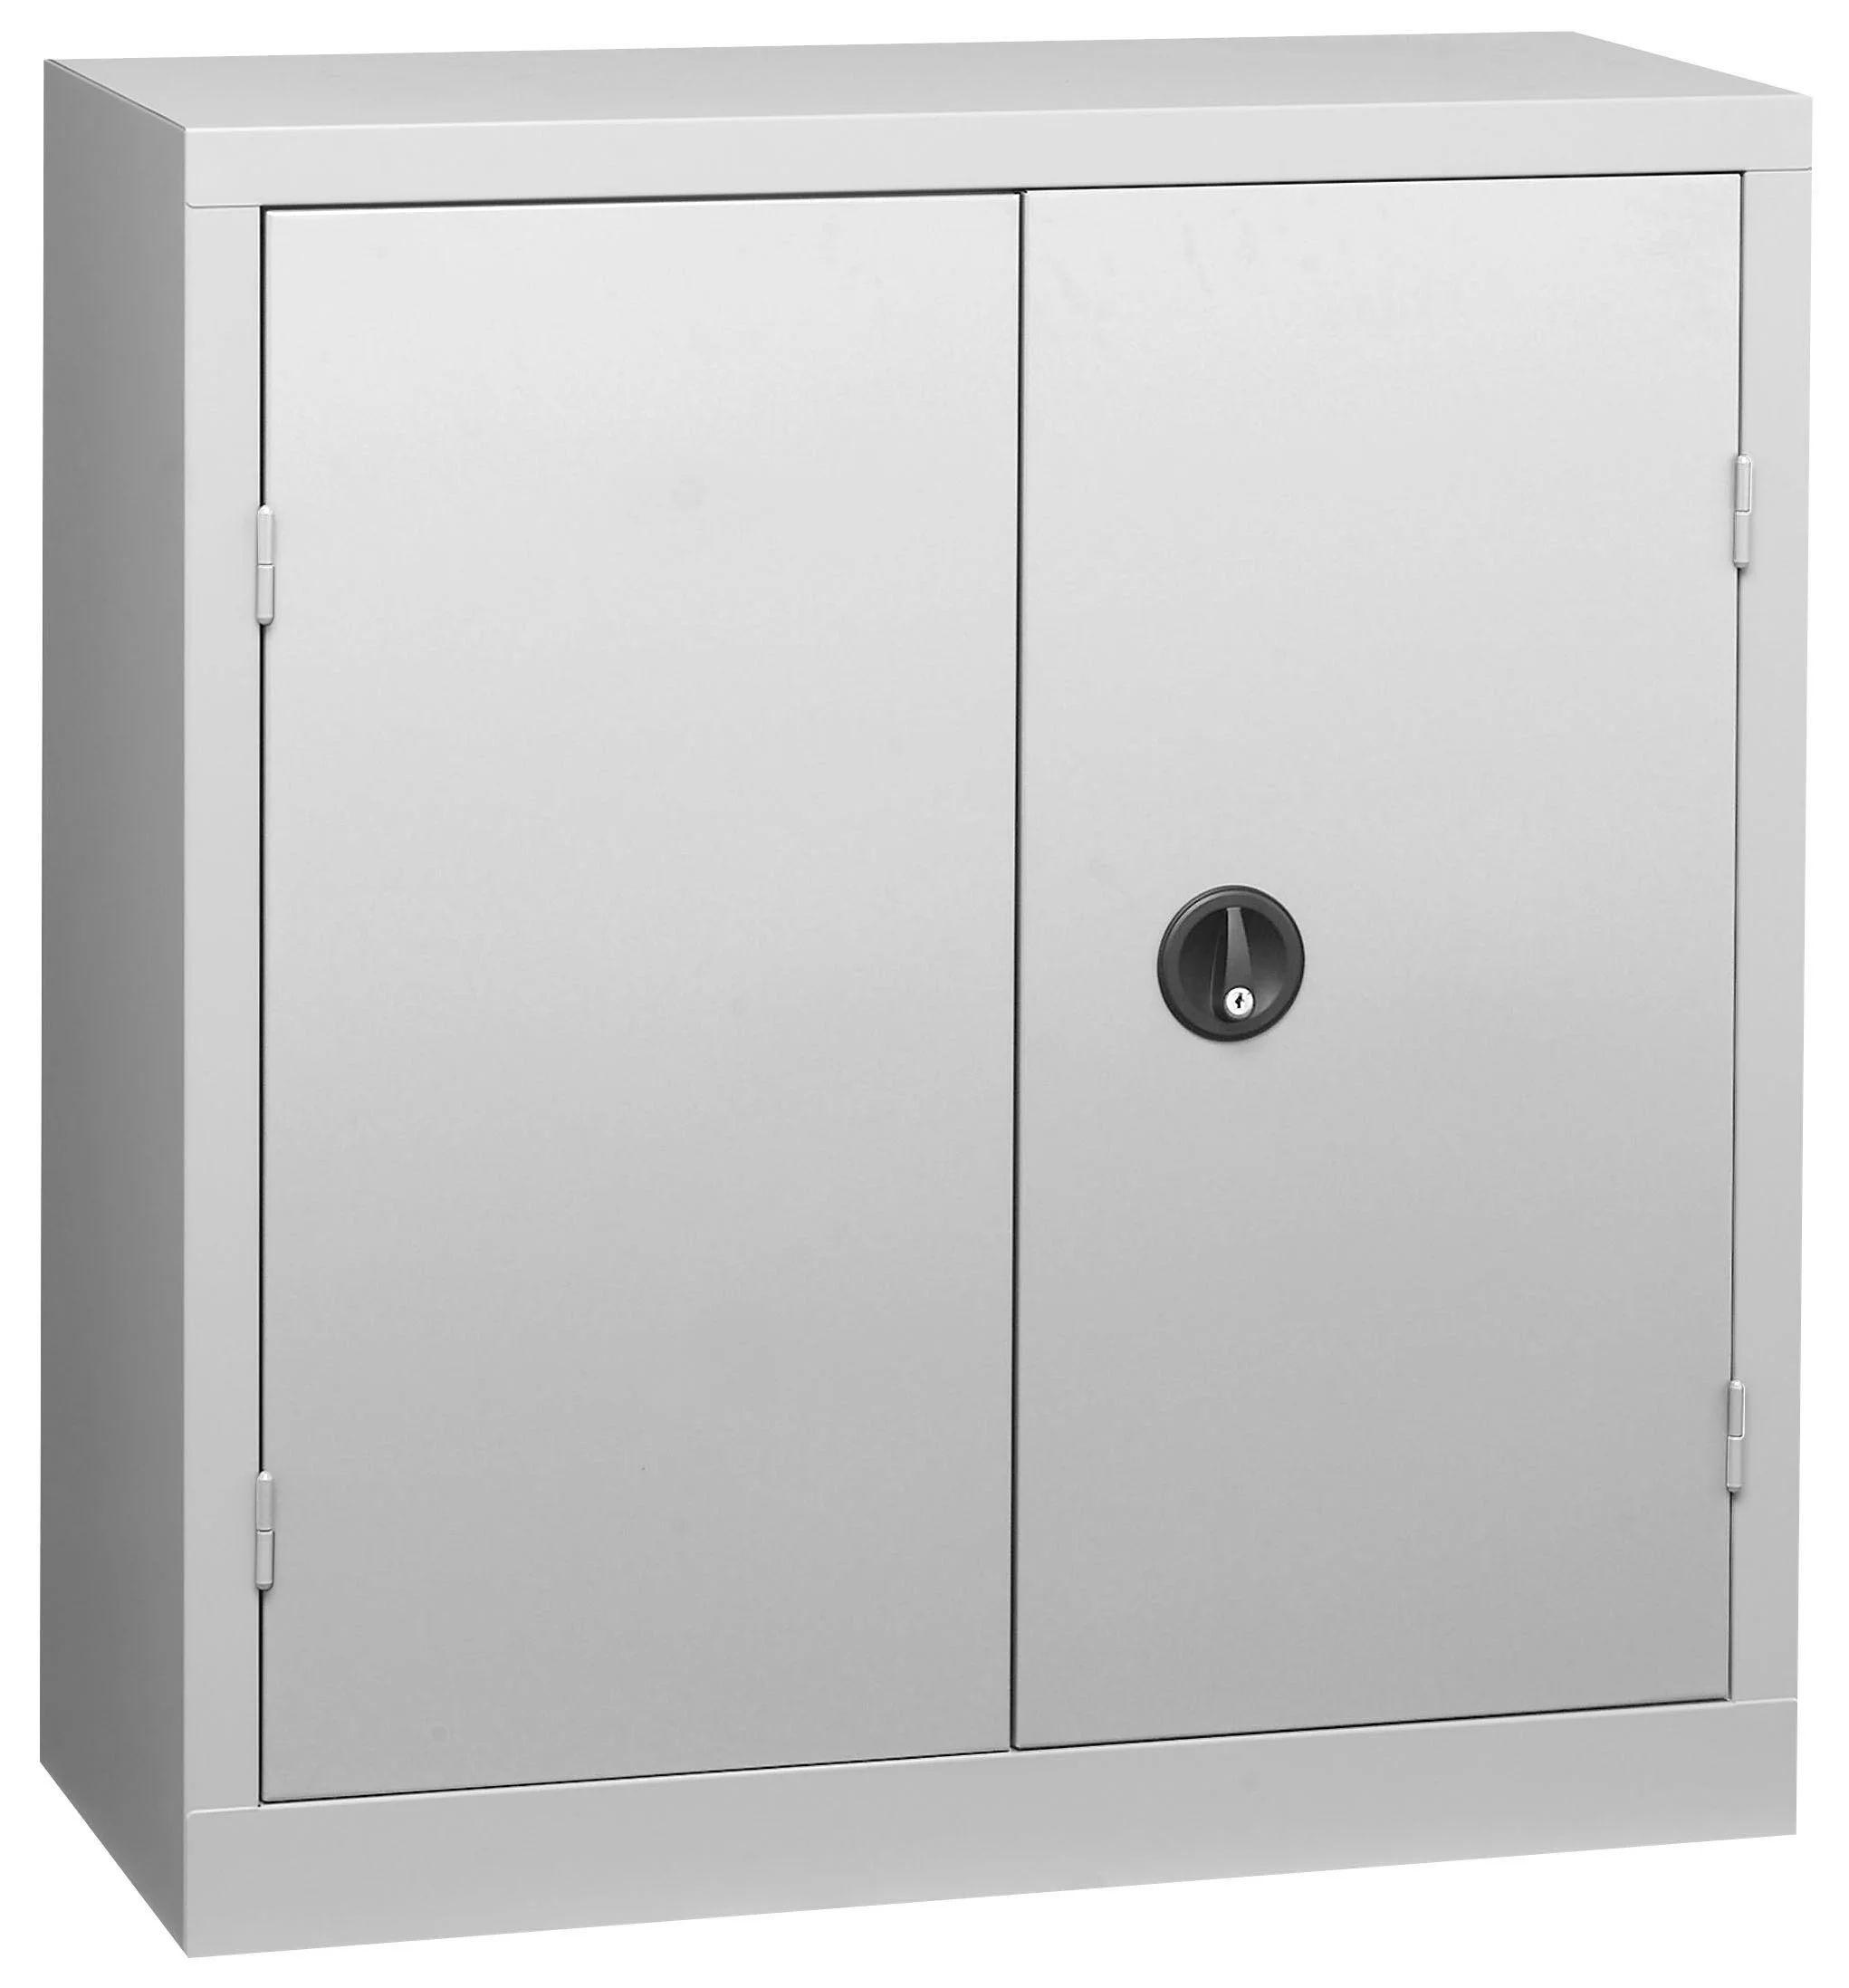 armoire basse acier snor l 120 x h 100 x p 53 cm